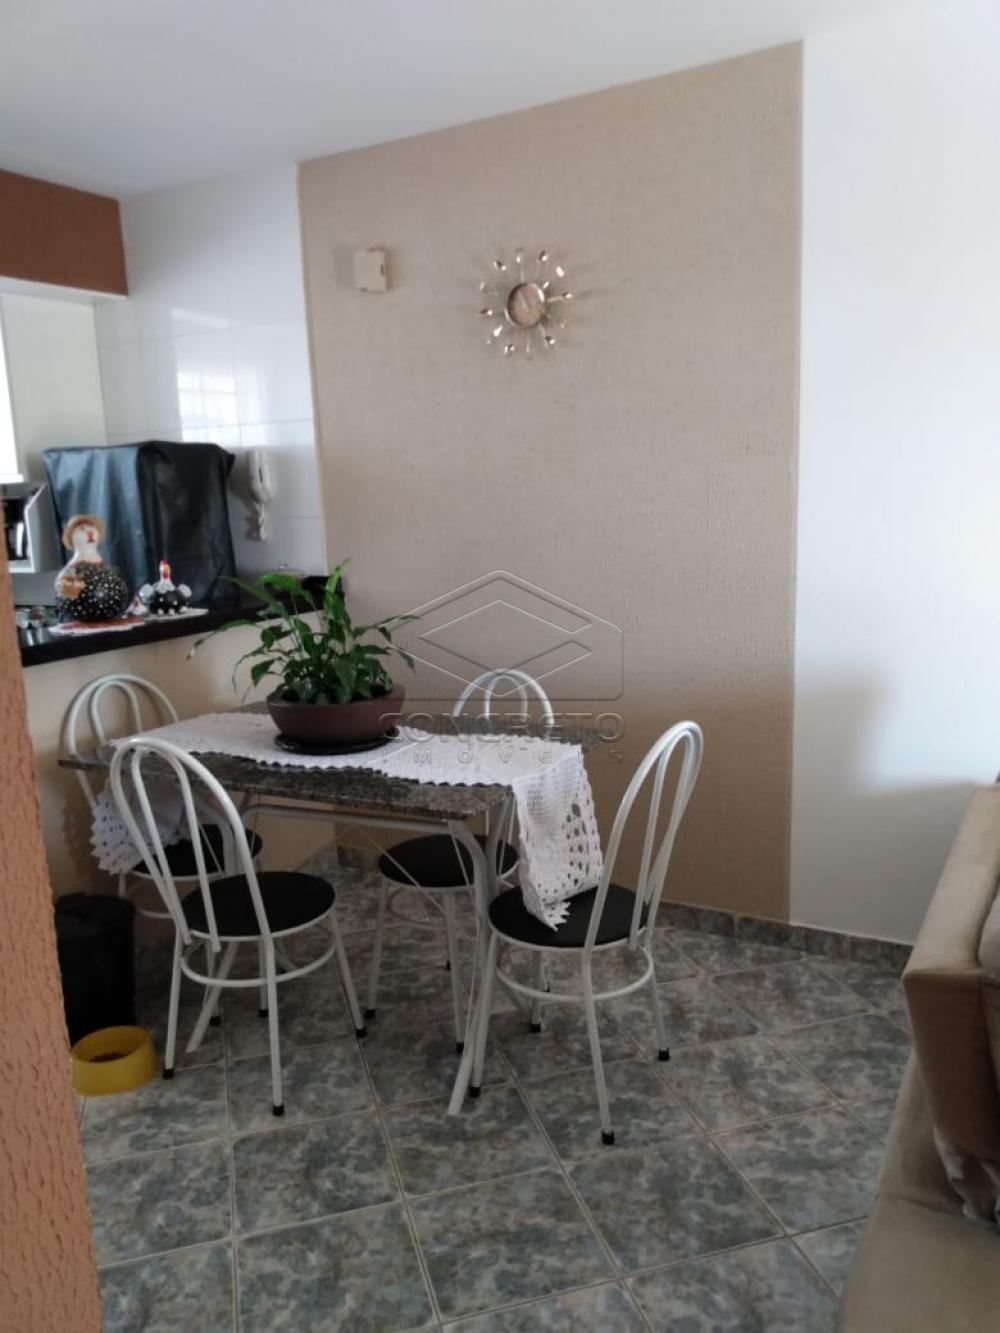 Comprar Apartamento / Padrão em Bauru R$ 220.000,00 - Foto 8